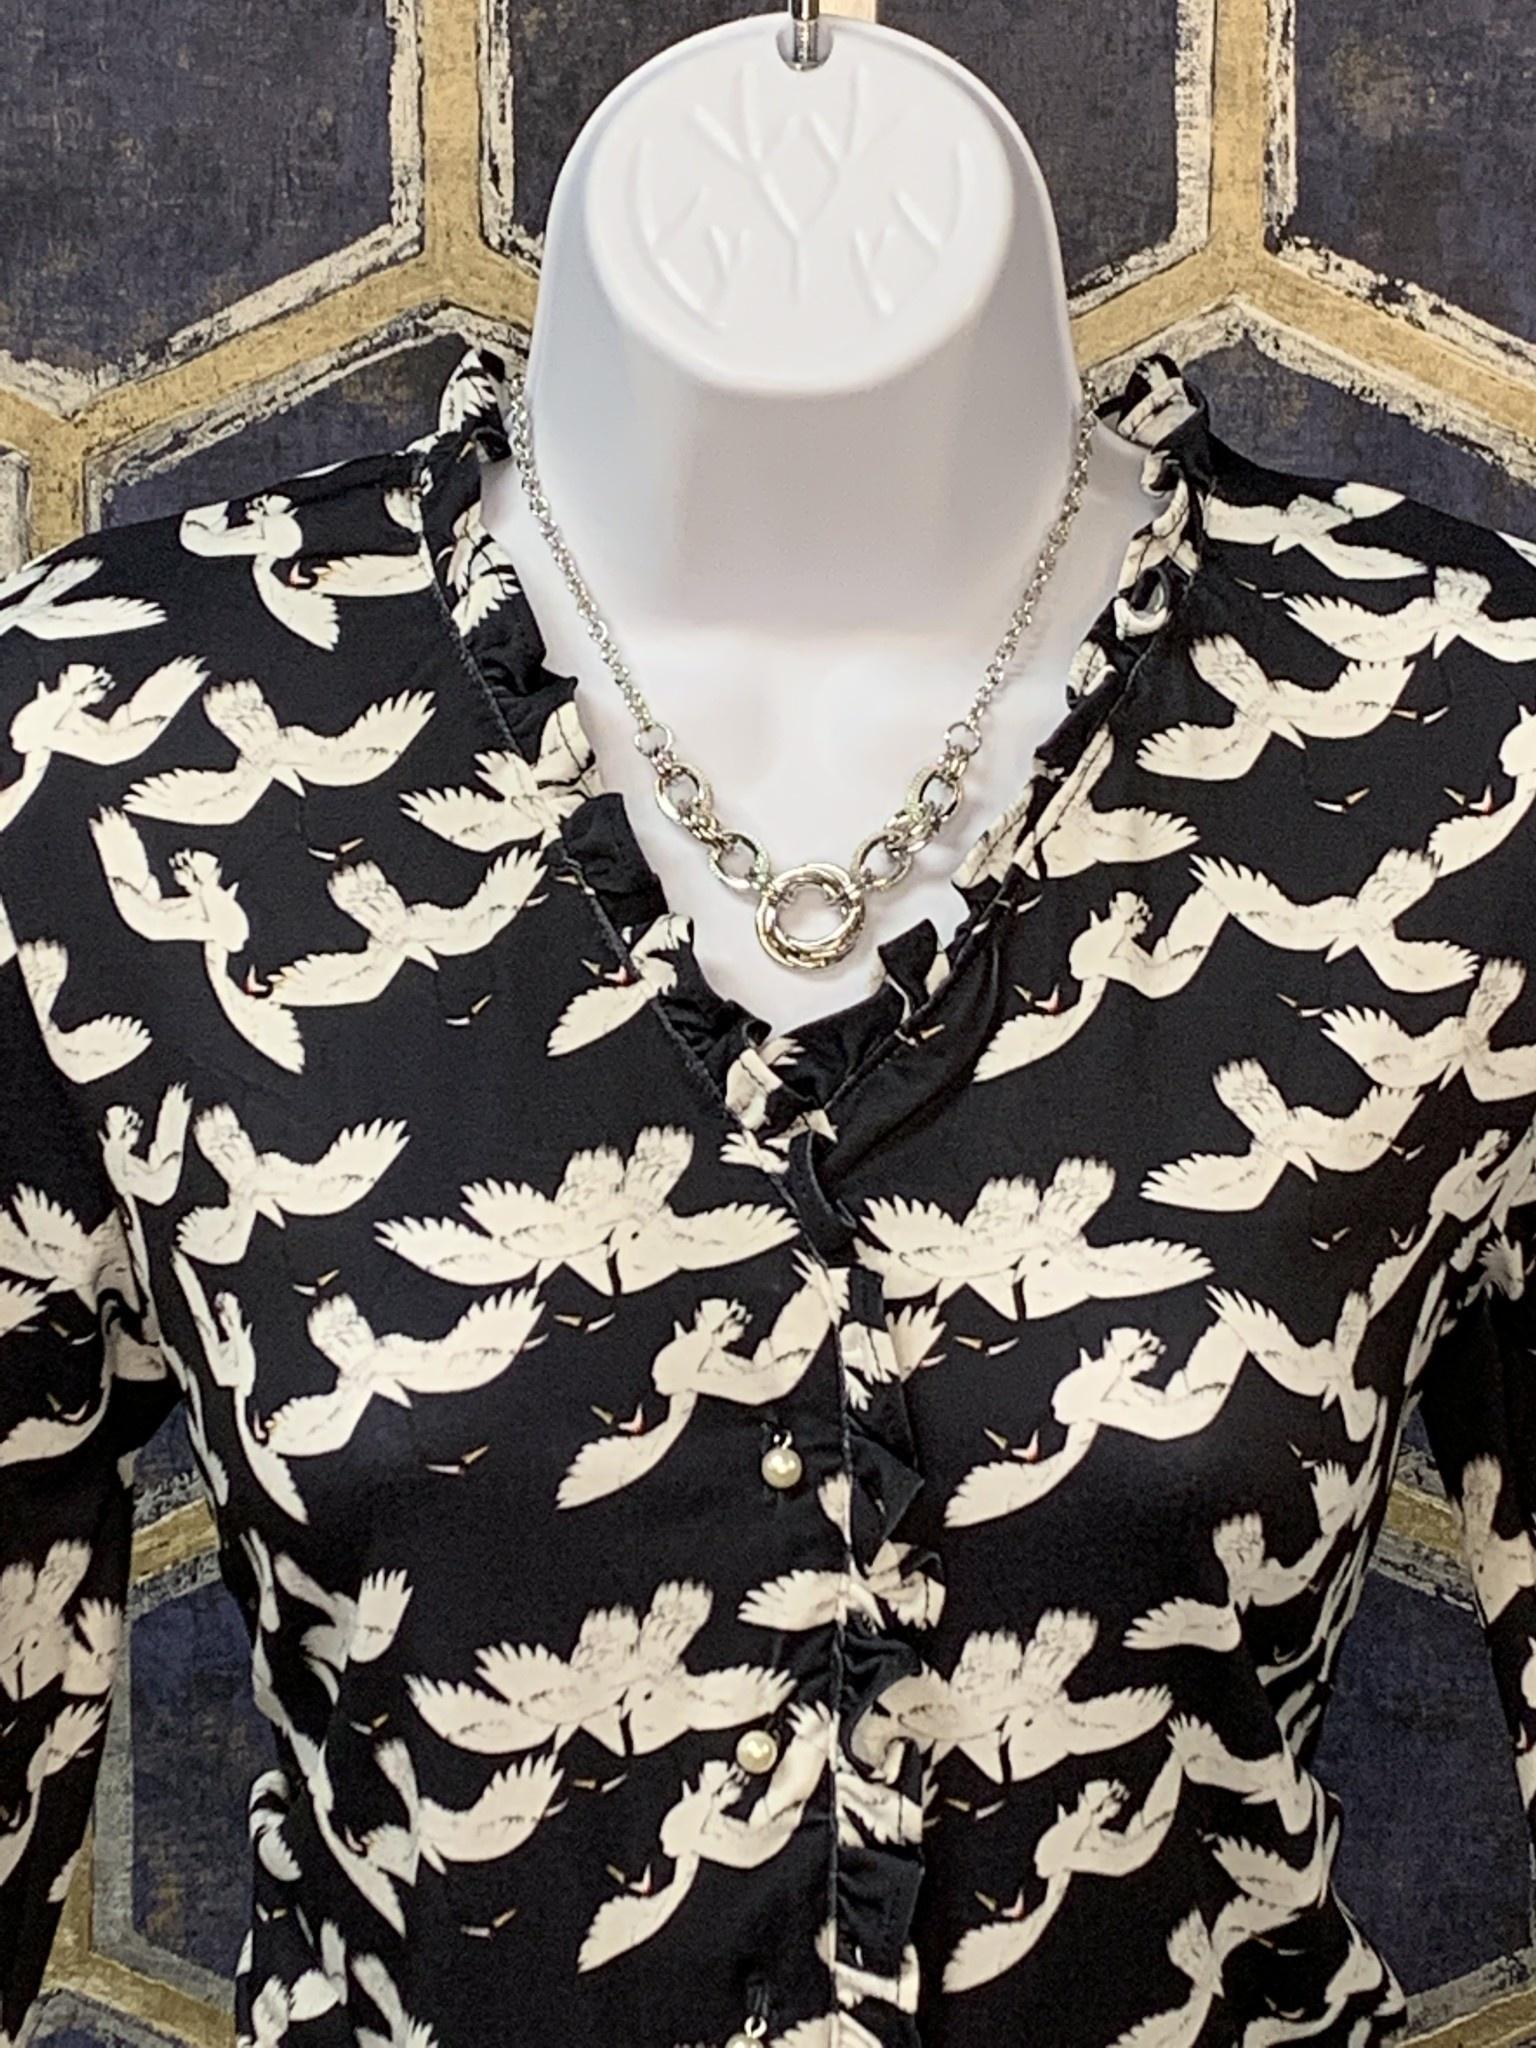 Ruffled Neck Shirt - Navy Crane